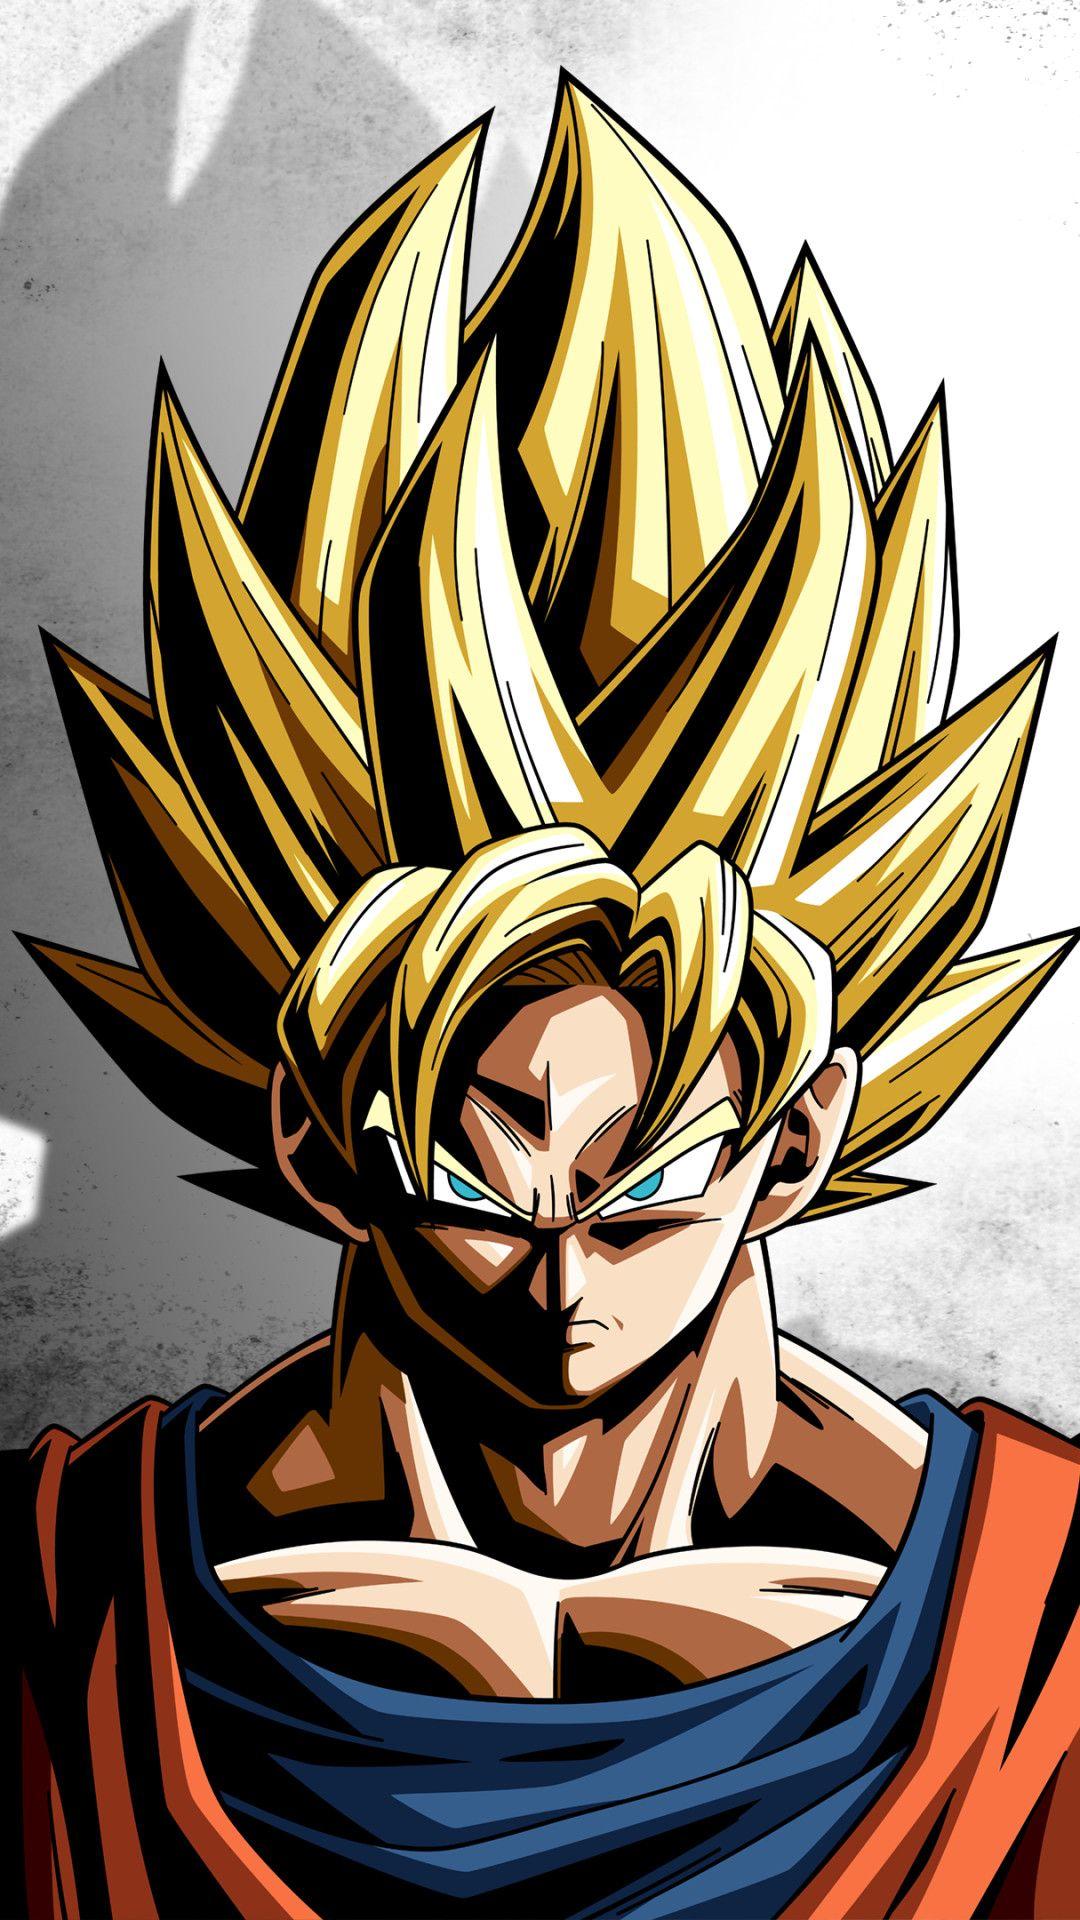 dragon ball z | anime iphone wallpapers | goku | dragon ball, dragon